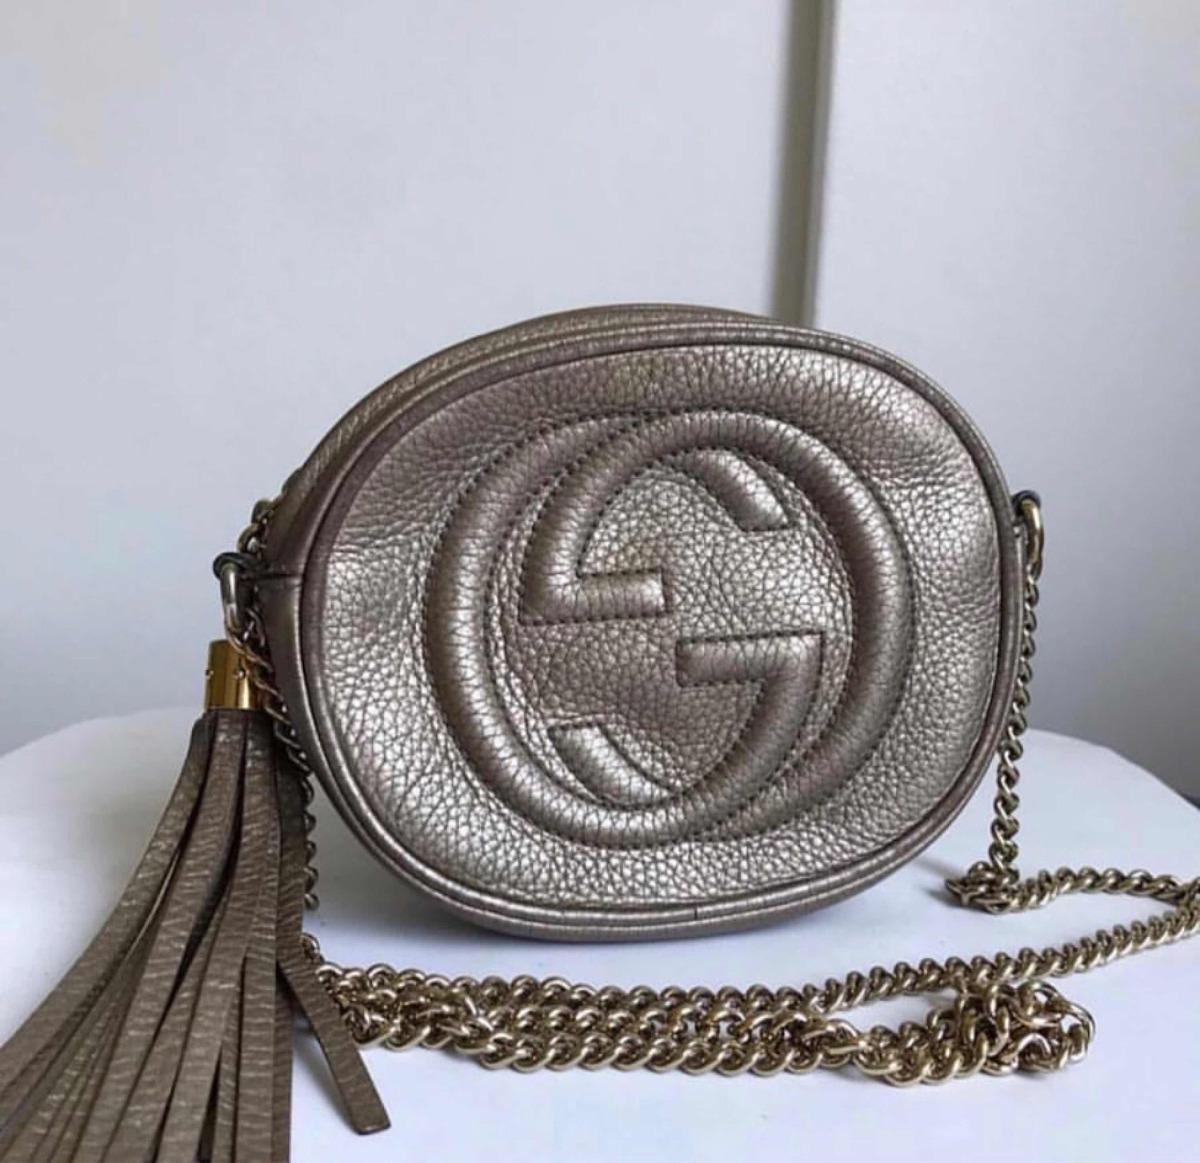 e02713909 Bolsa Gucci Soho Disco Chain - R$ 3.499,00 em Mercado Livre